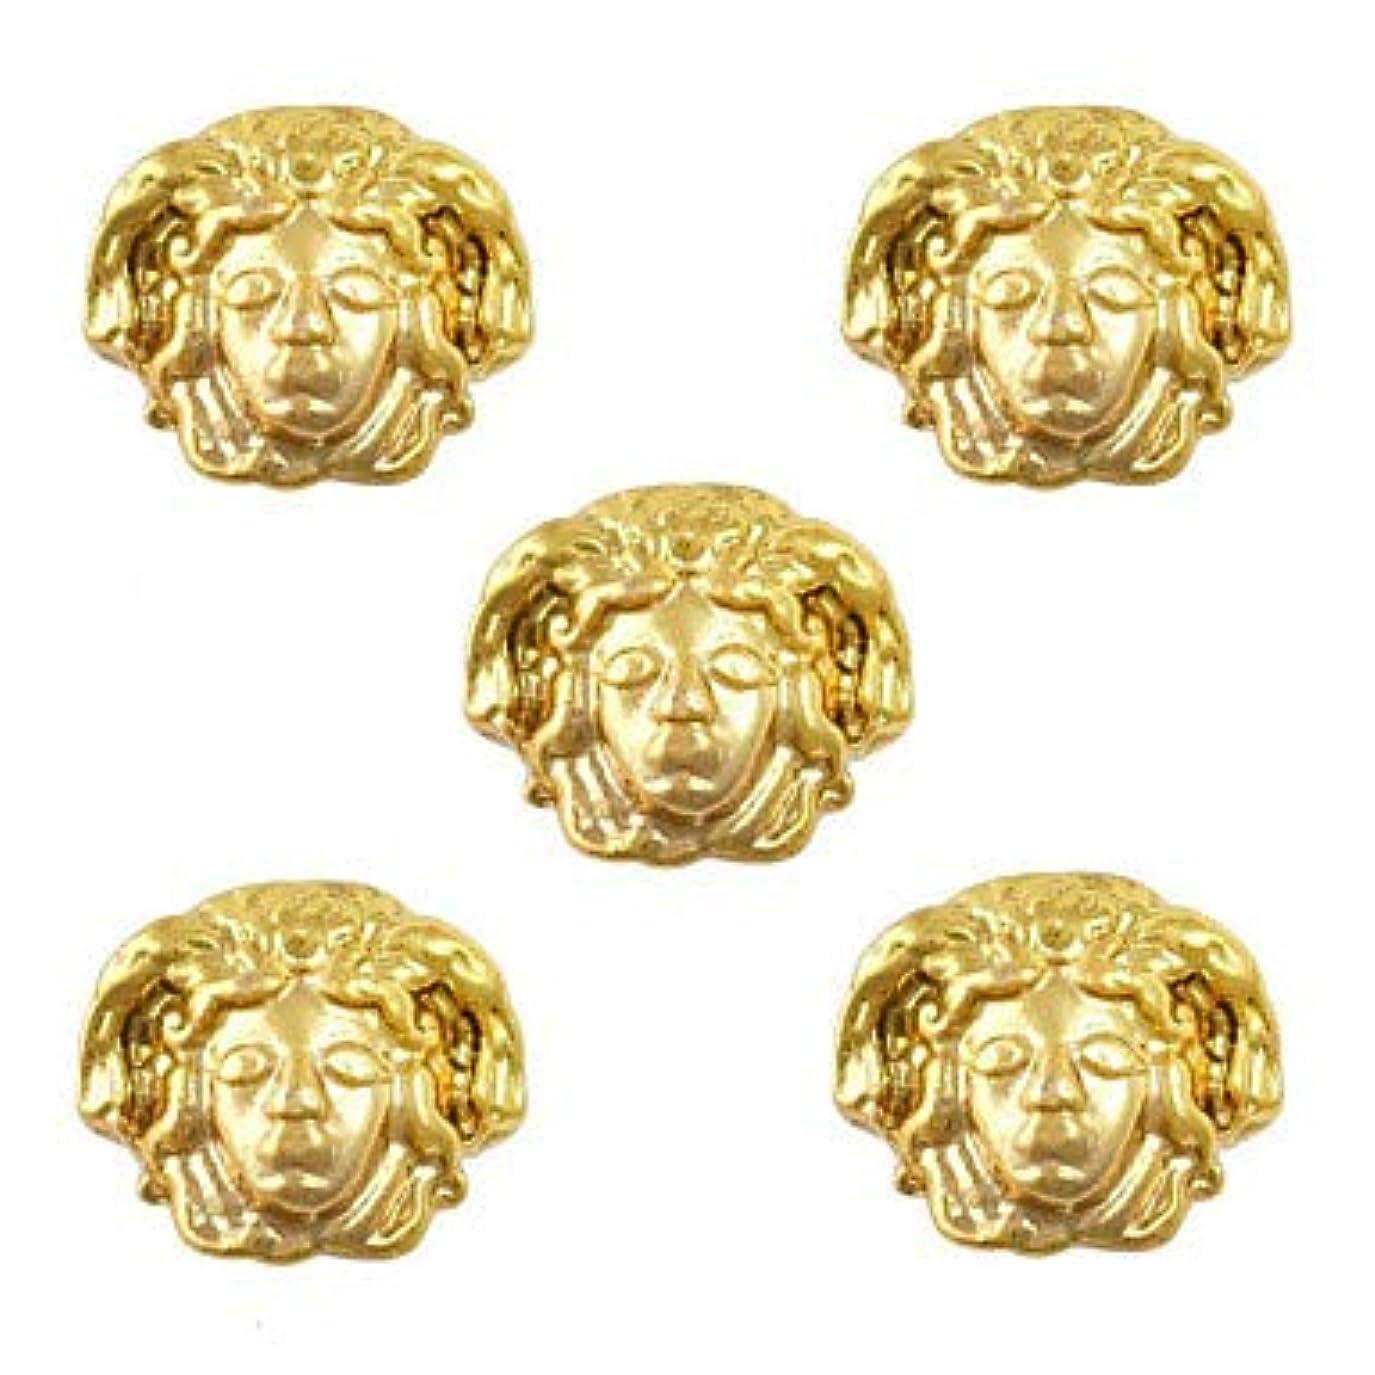 ブロッサムシンジケート現実的美容エジプトスタイルゴールドネイルチャーム3Dメタルネイルアートデコレーションアクセサリー用品ツール